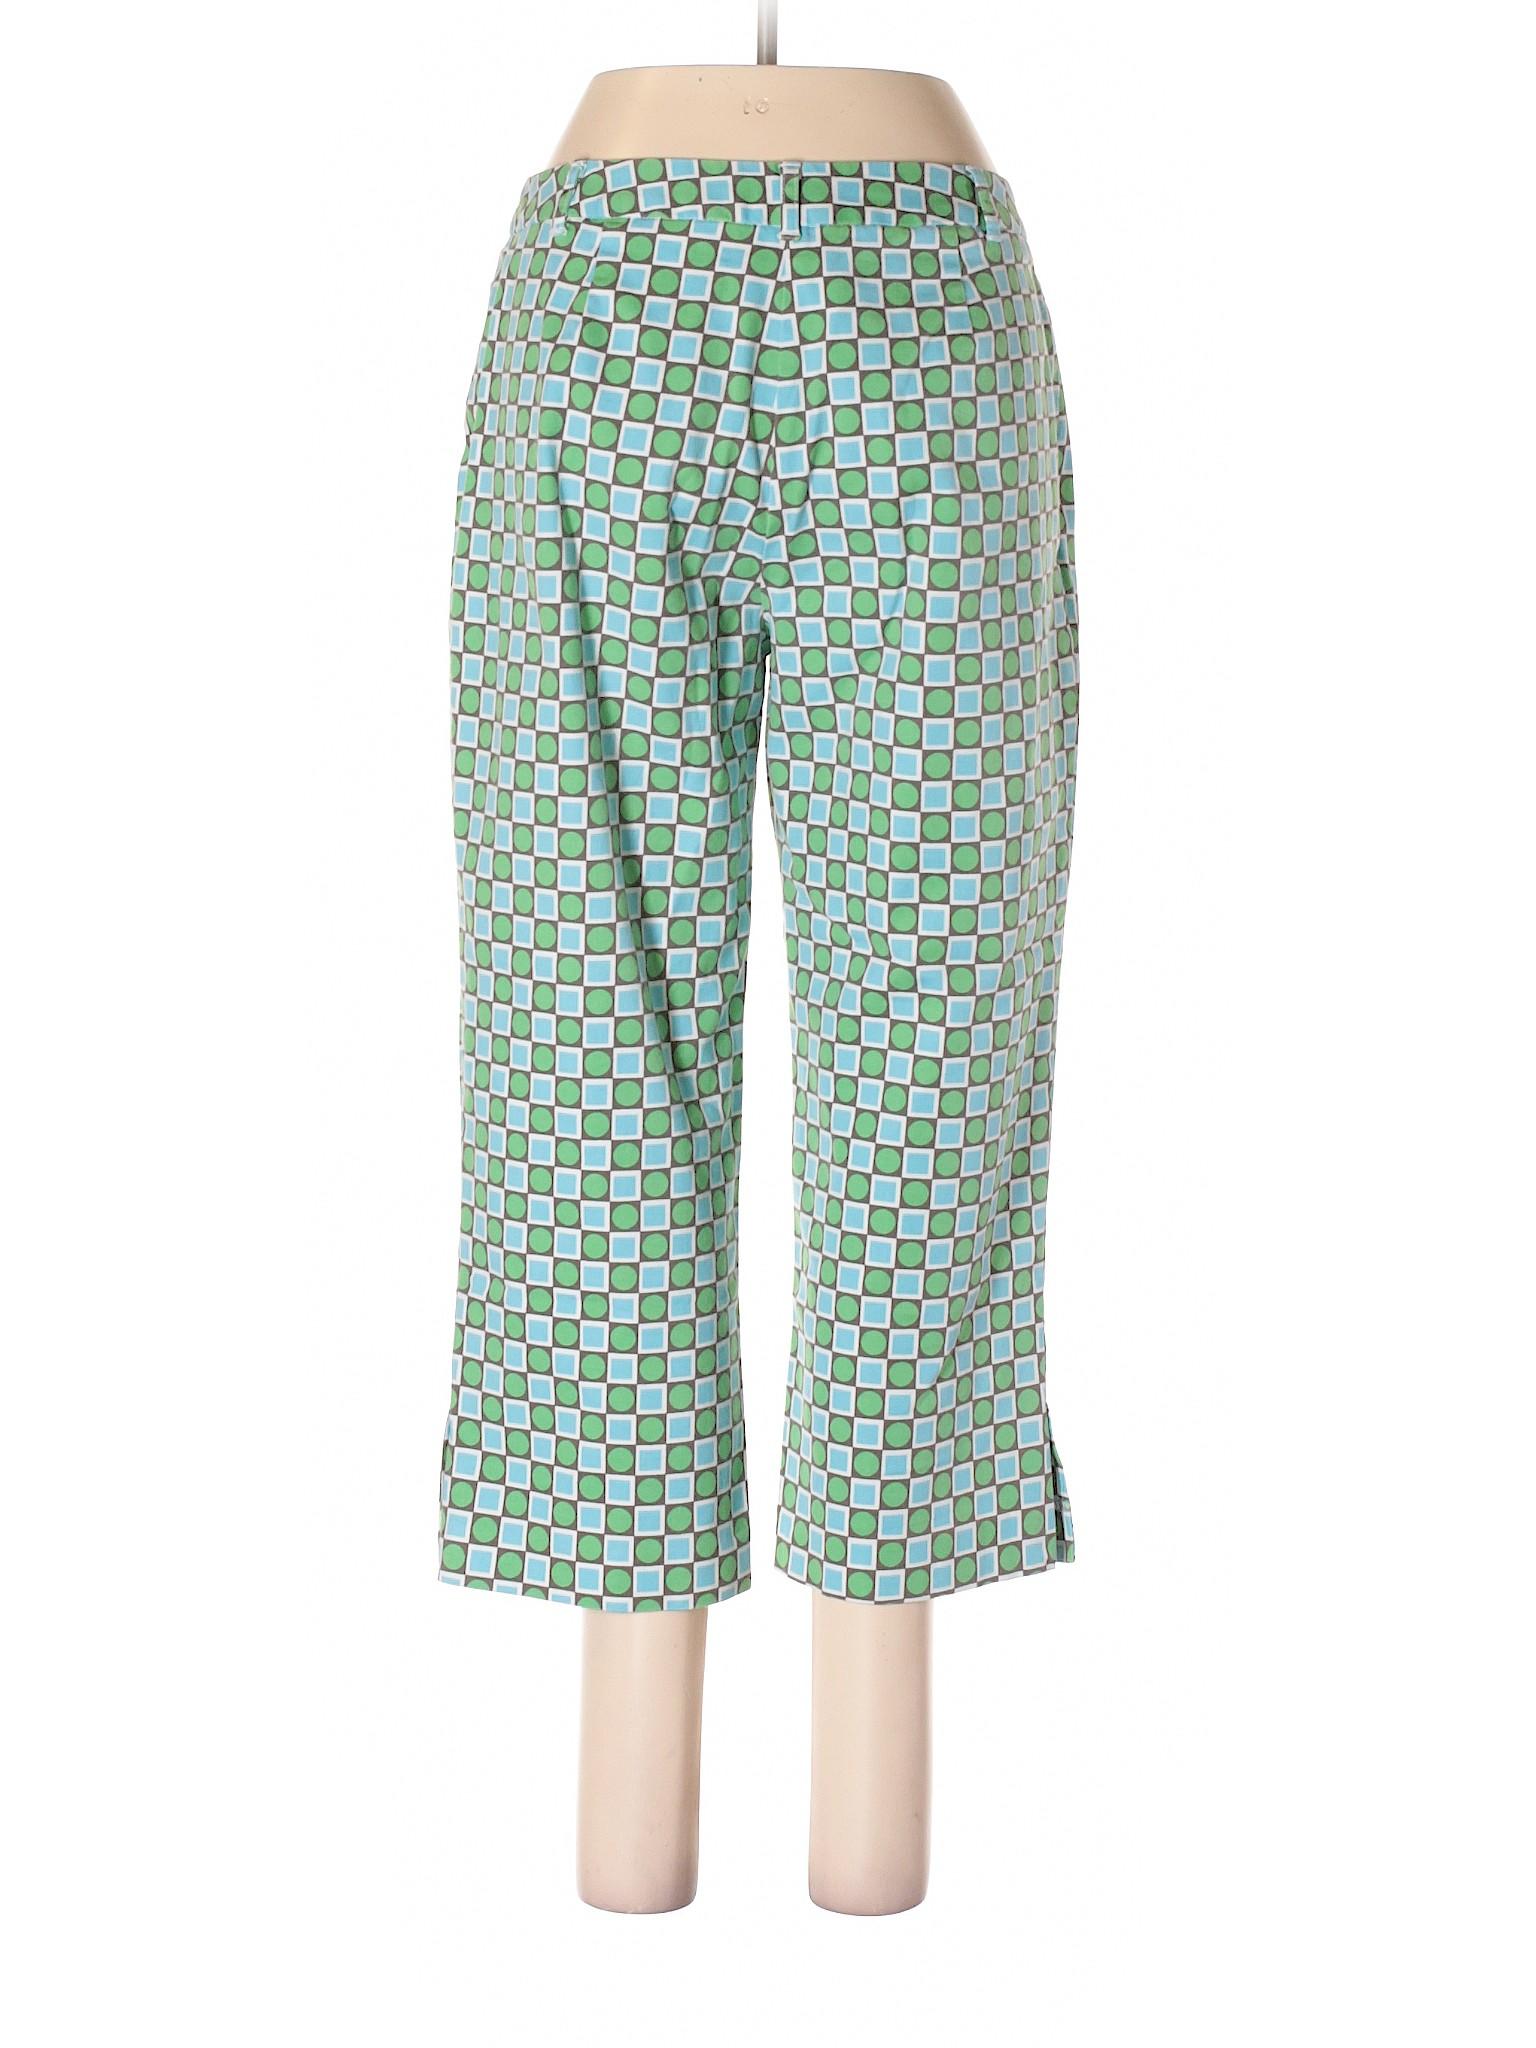 Boutique Boutique Talbots leisure Dress Pants leisure 5PYY7qw